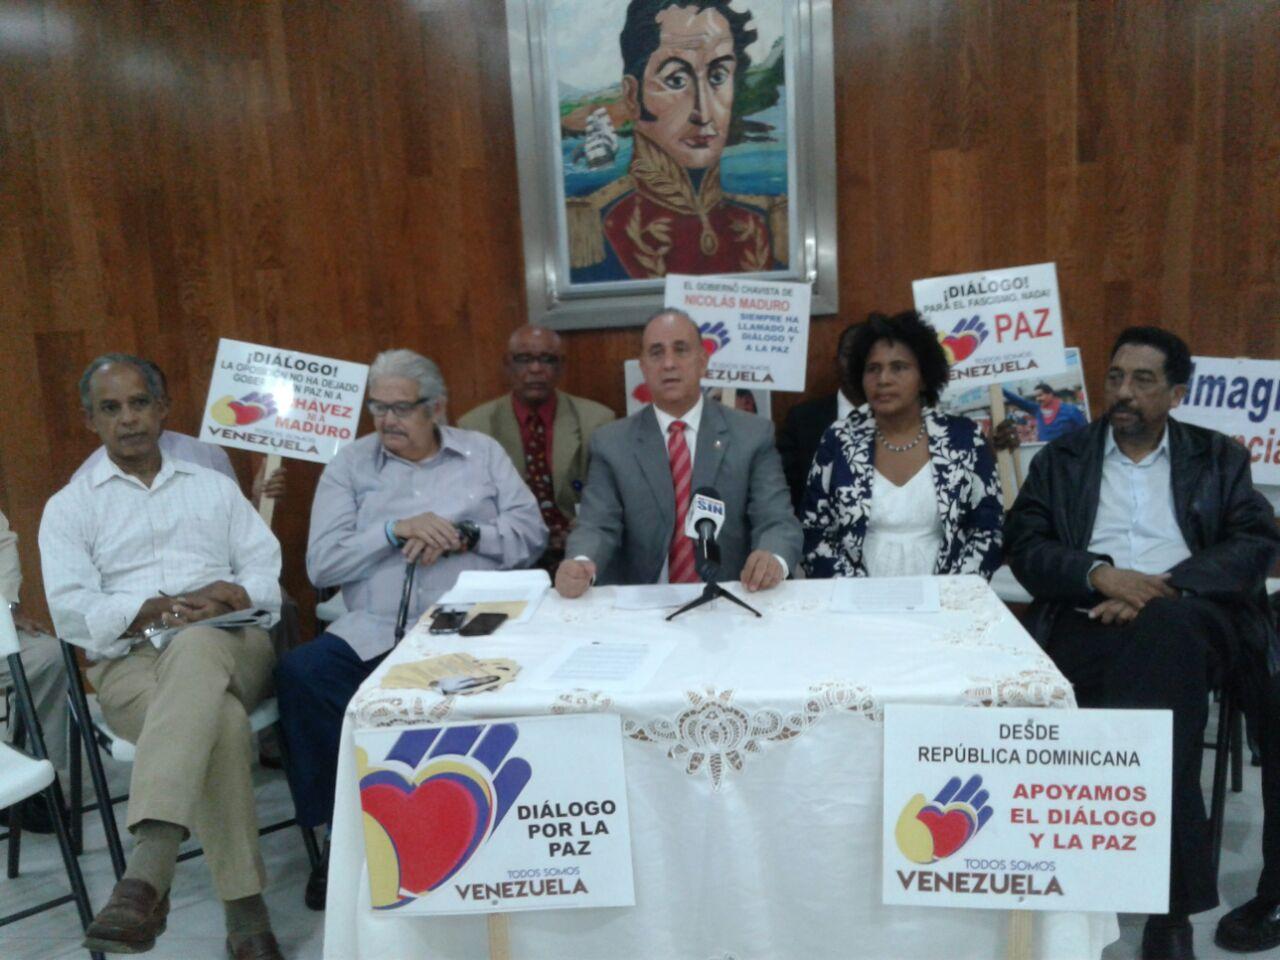 Activistas sociales dominicanos manifestaron su apoyo al gobierno venezolano